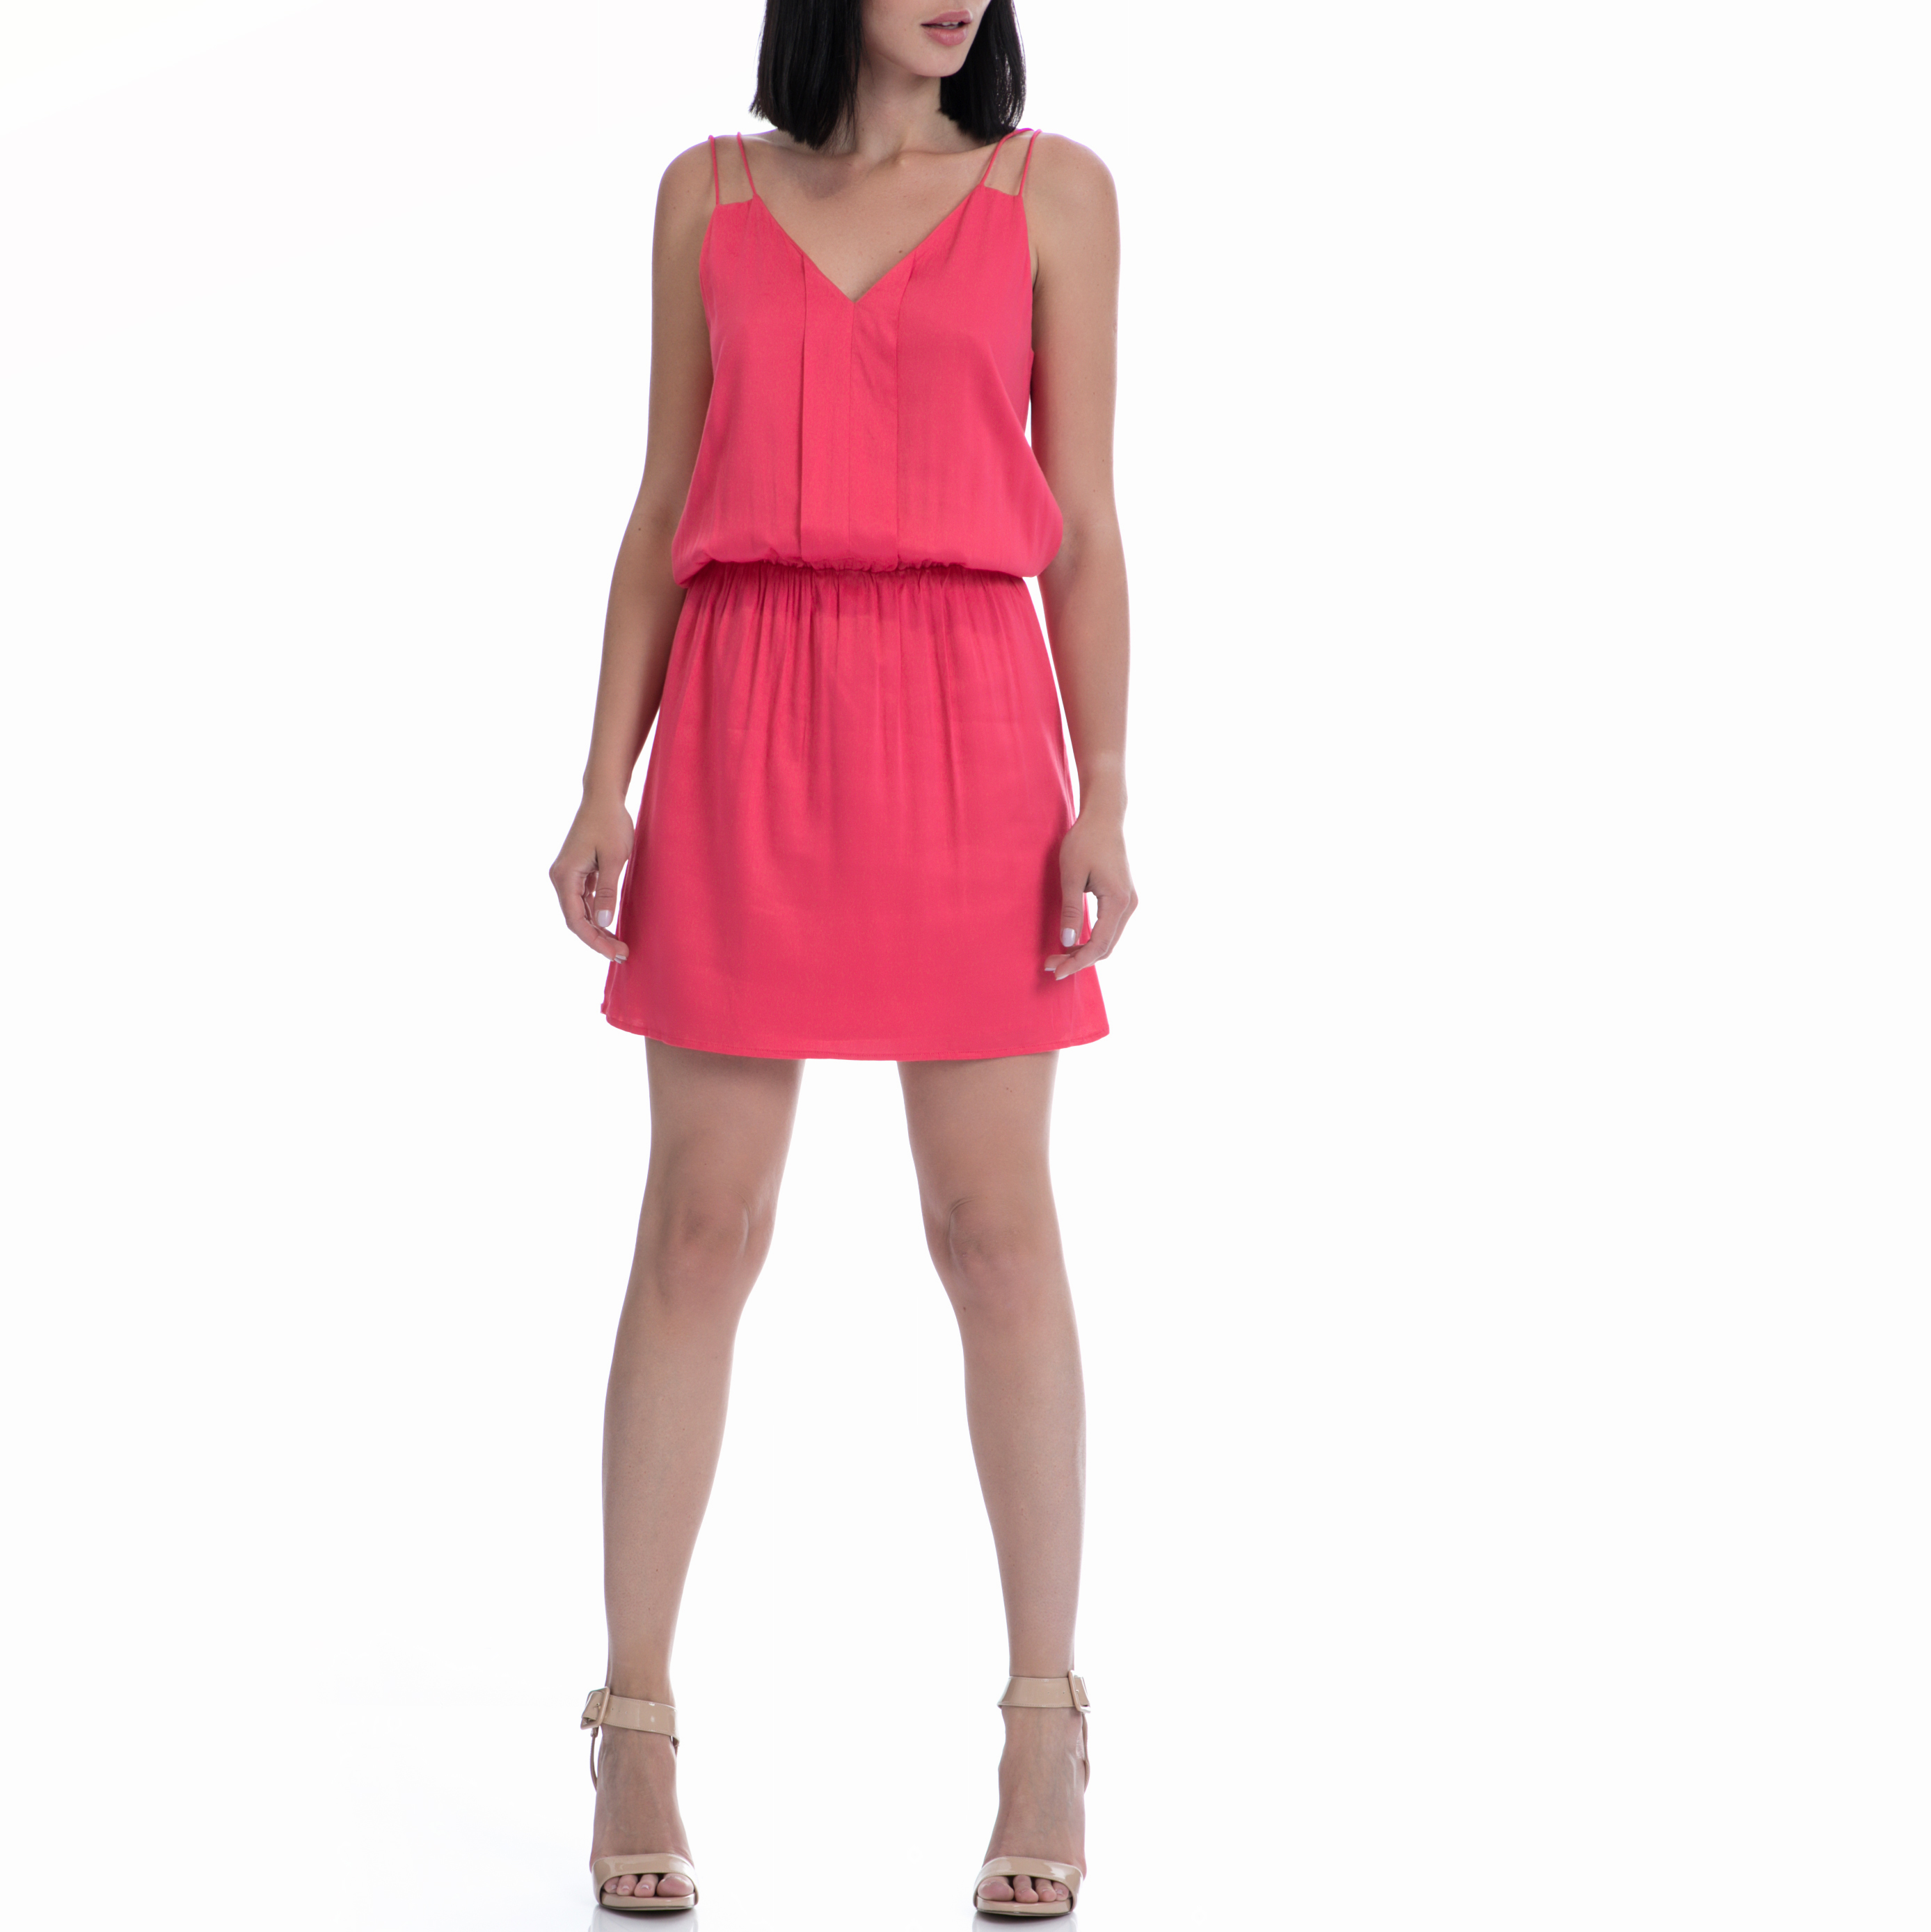 MOTIVI - Φόρεμα MOTIVI φούξια γυναικεία ρούχα φορέματα μίνι